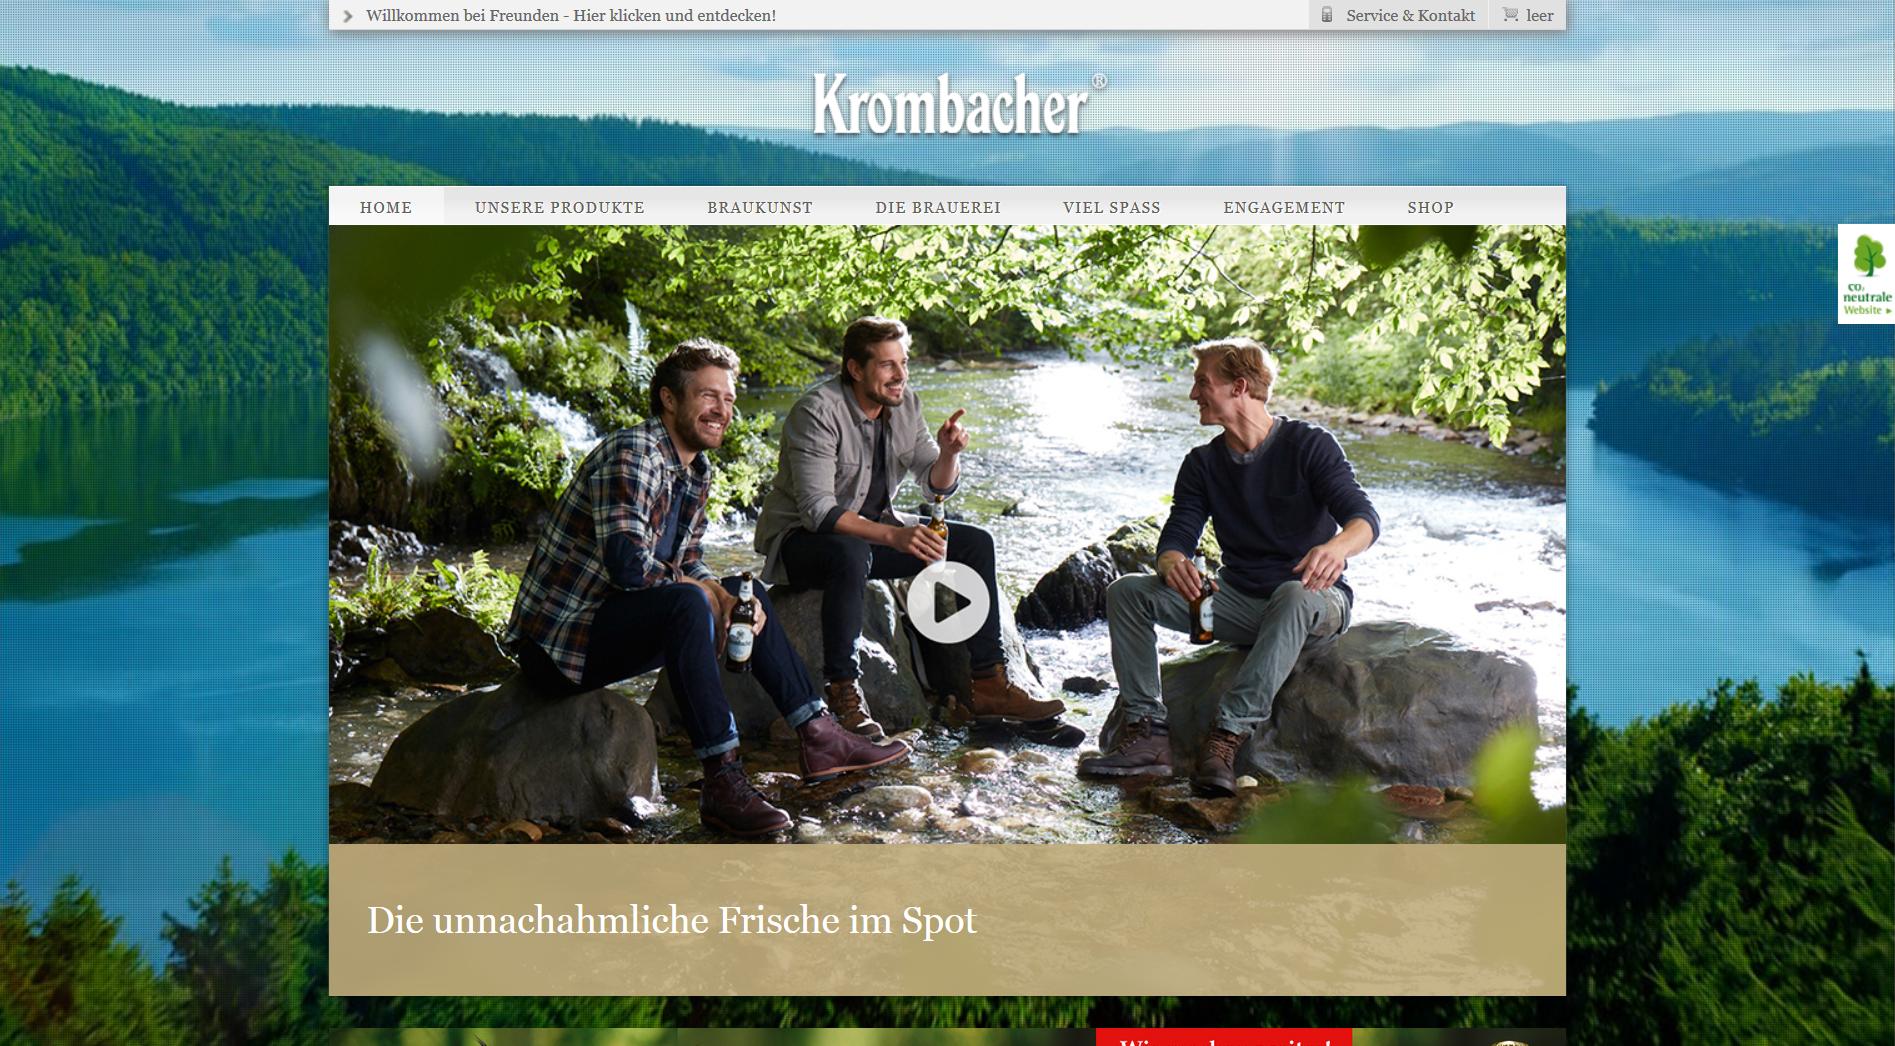 screenshot-krombacher.png